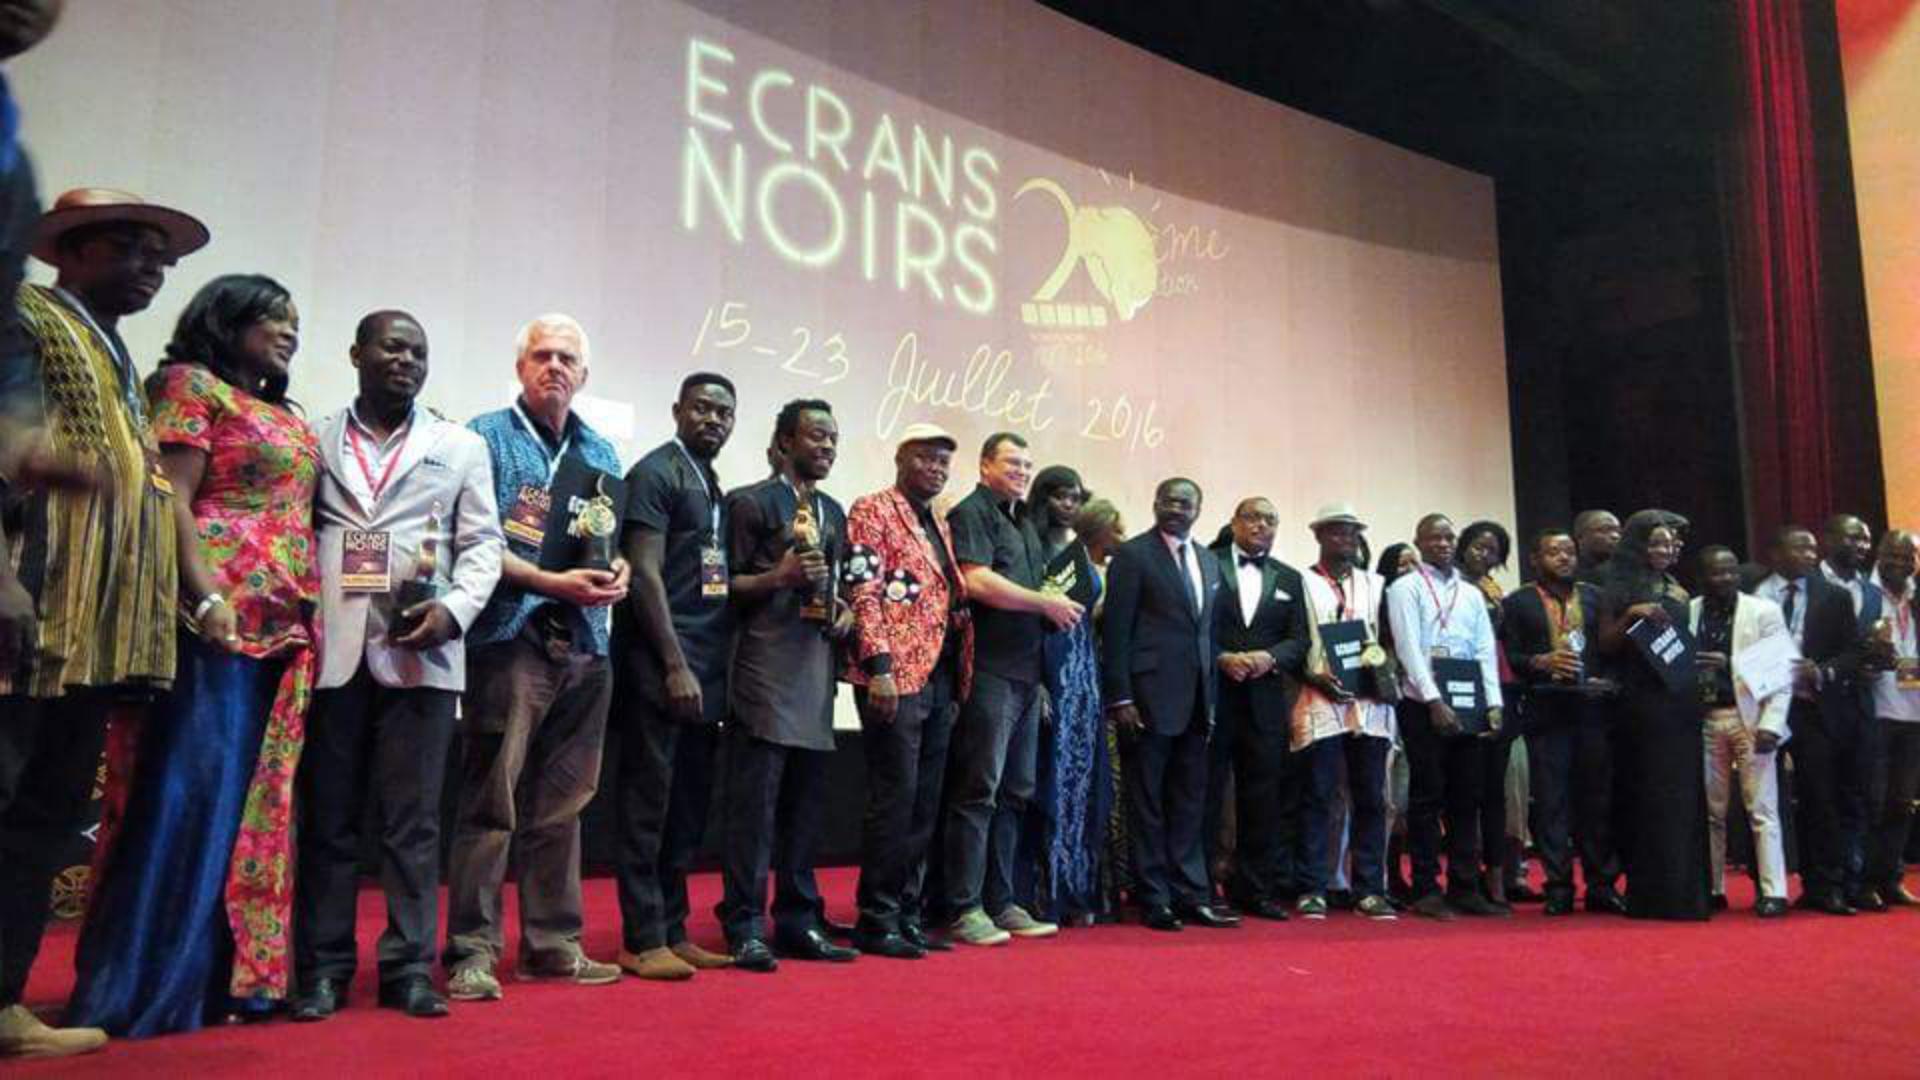 La CRTV obtient les droits exclusifs du festival Écrans noirs